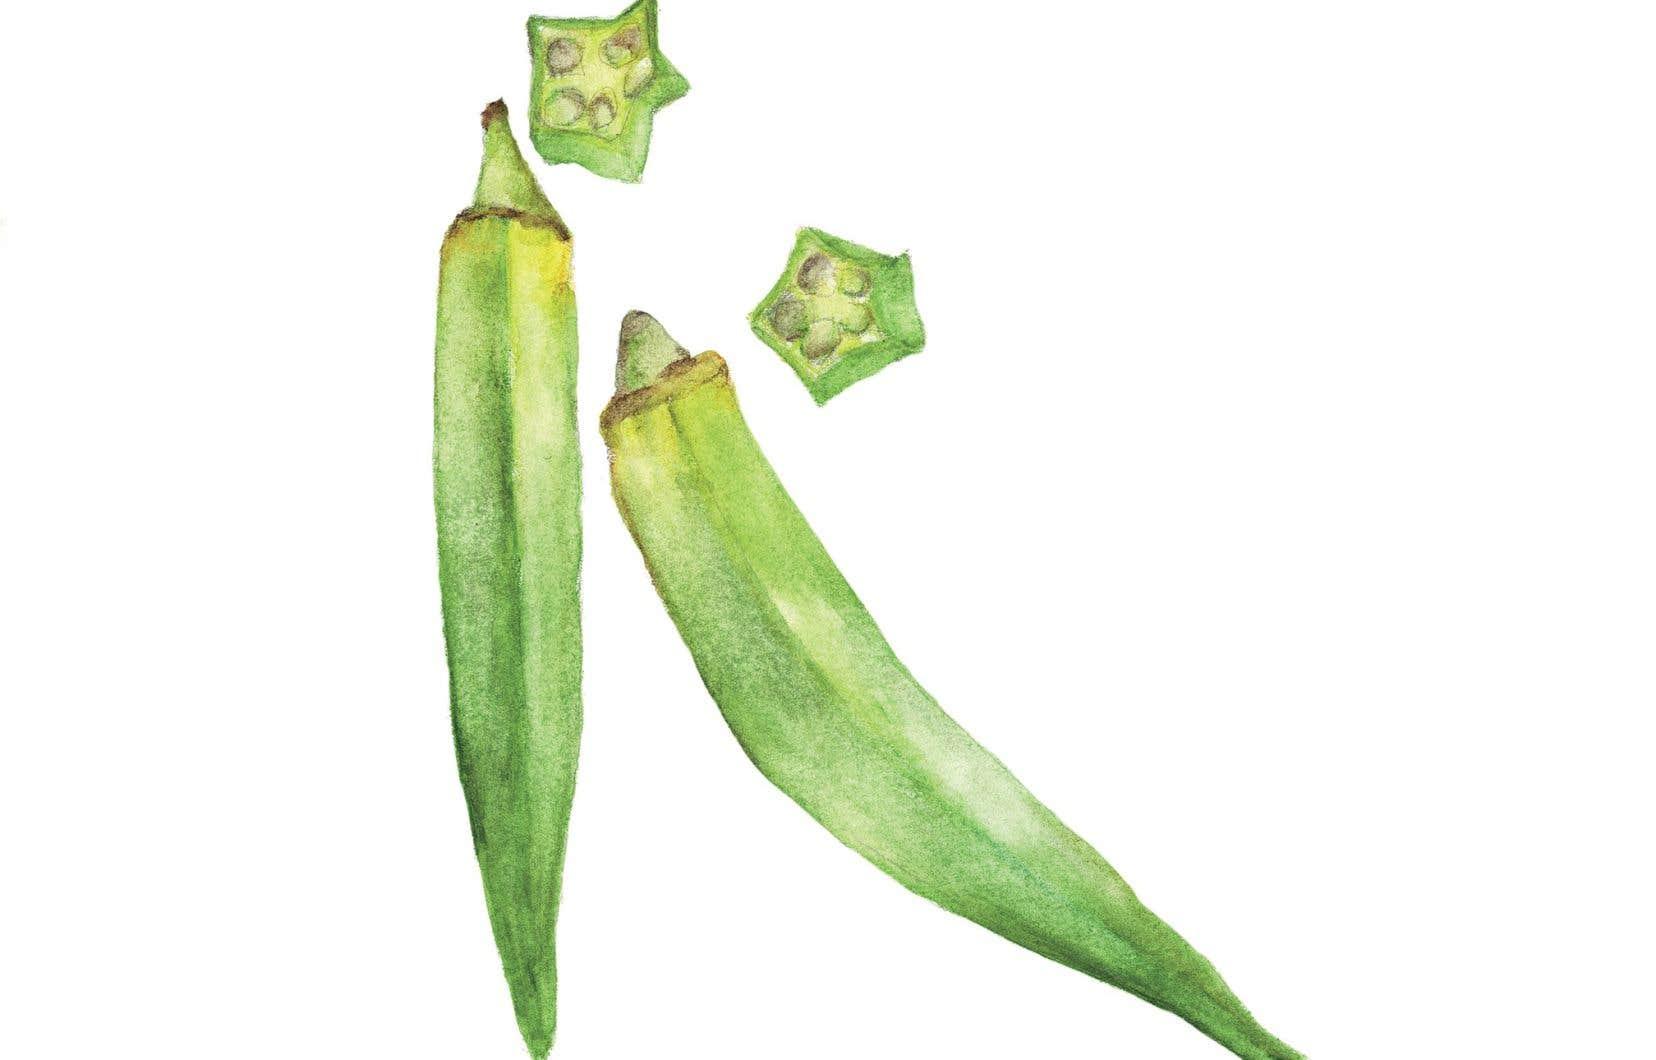 Aussi appelé gombo, l'okra se retrouve depuis quelques années dans les champs des fermes maraîchères et sur les étals des fruiteries du Québec.